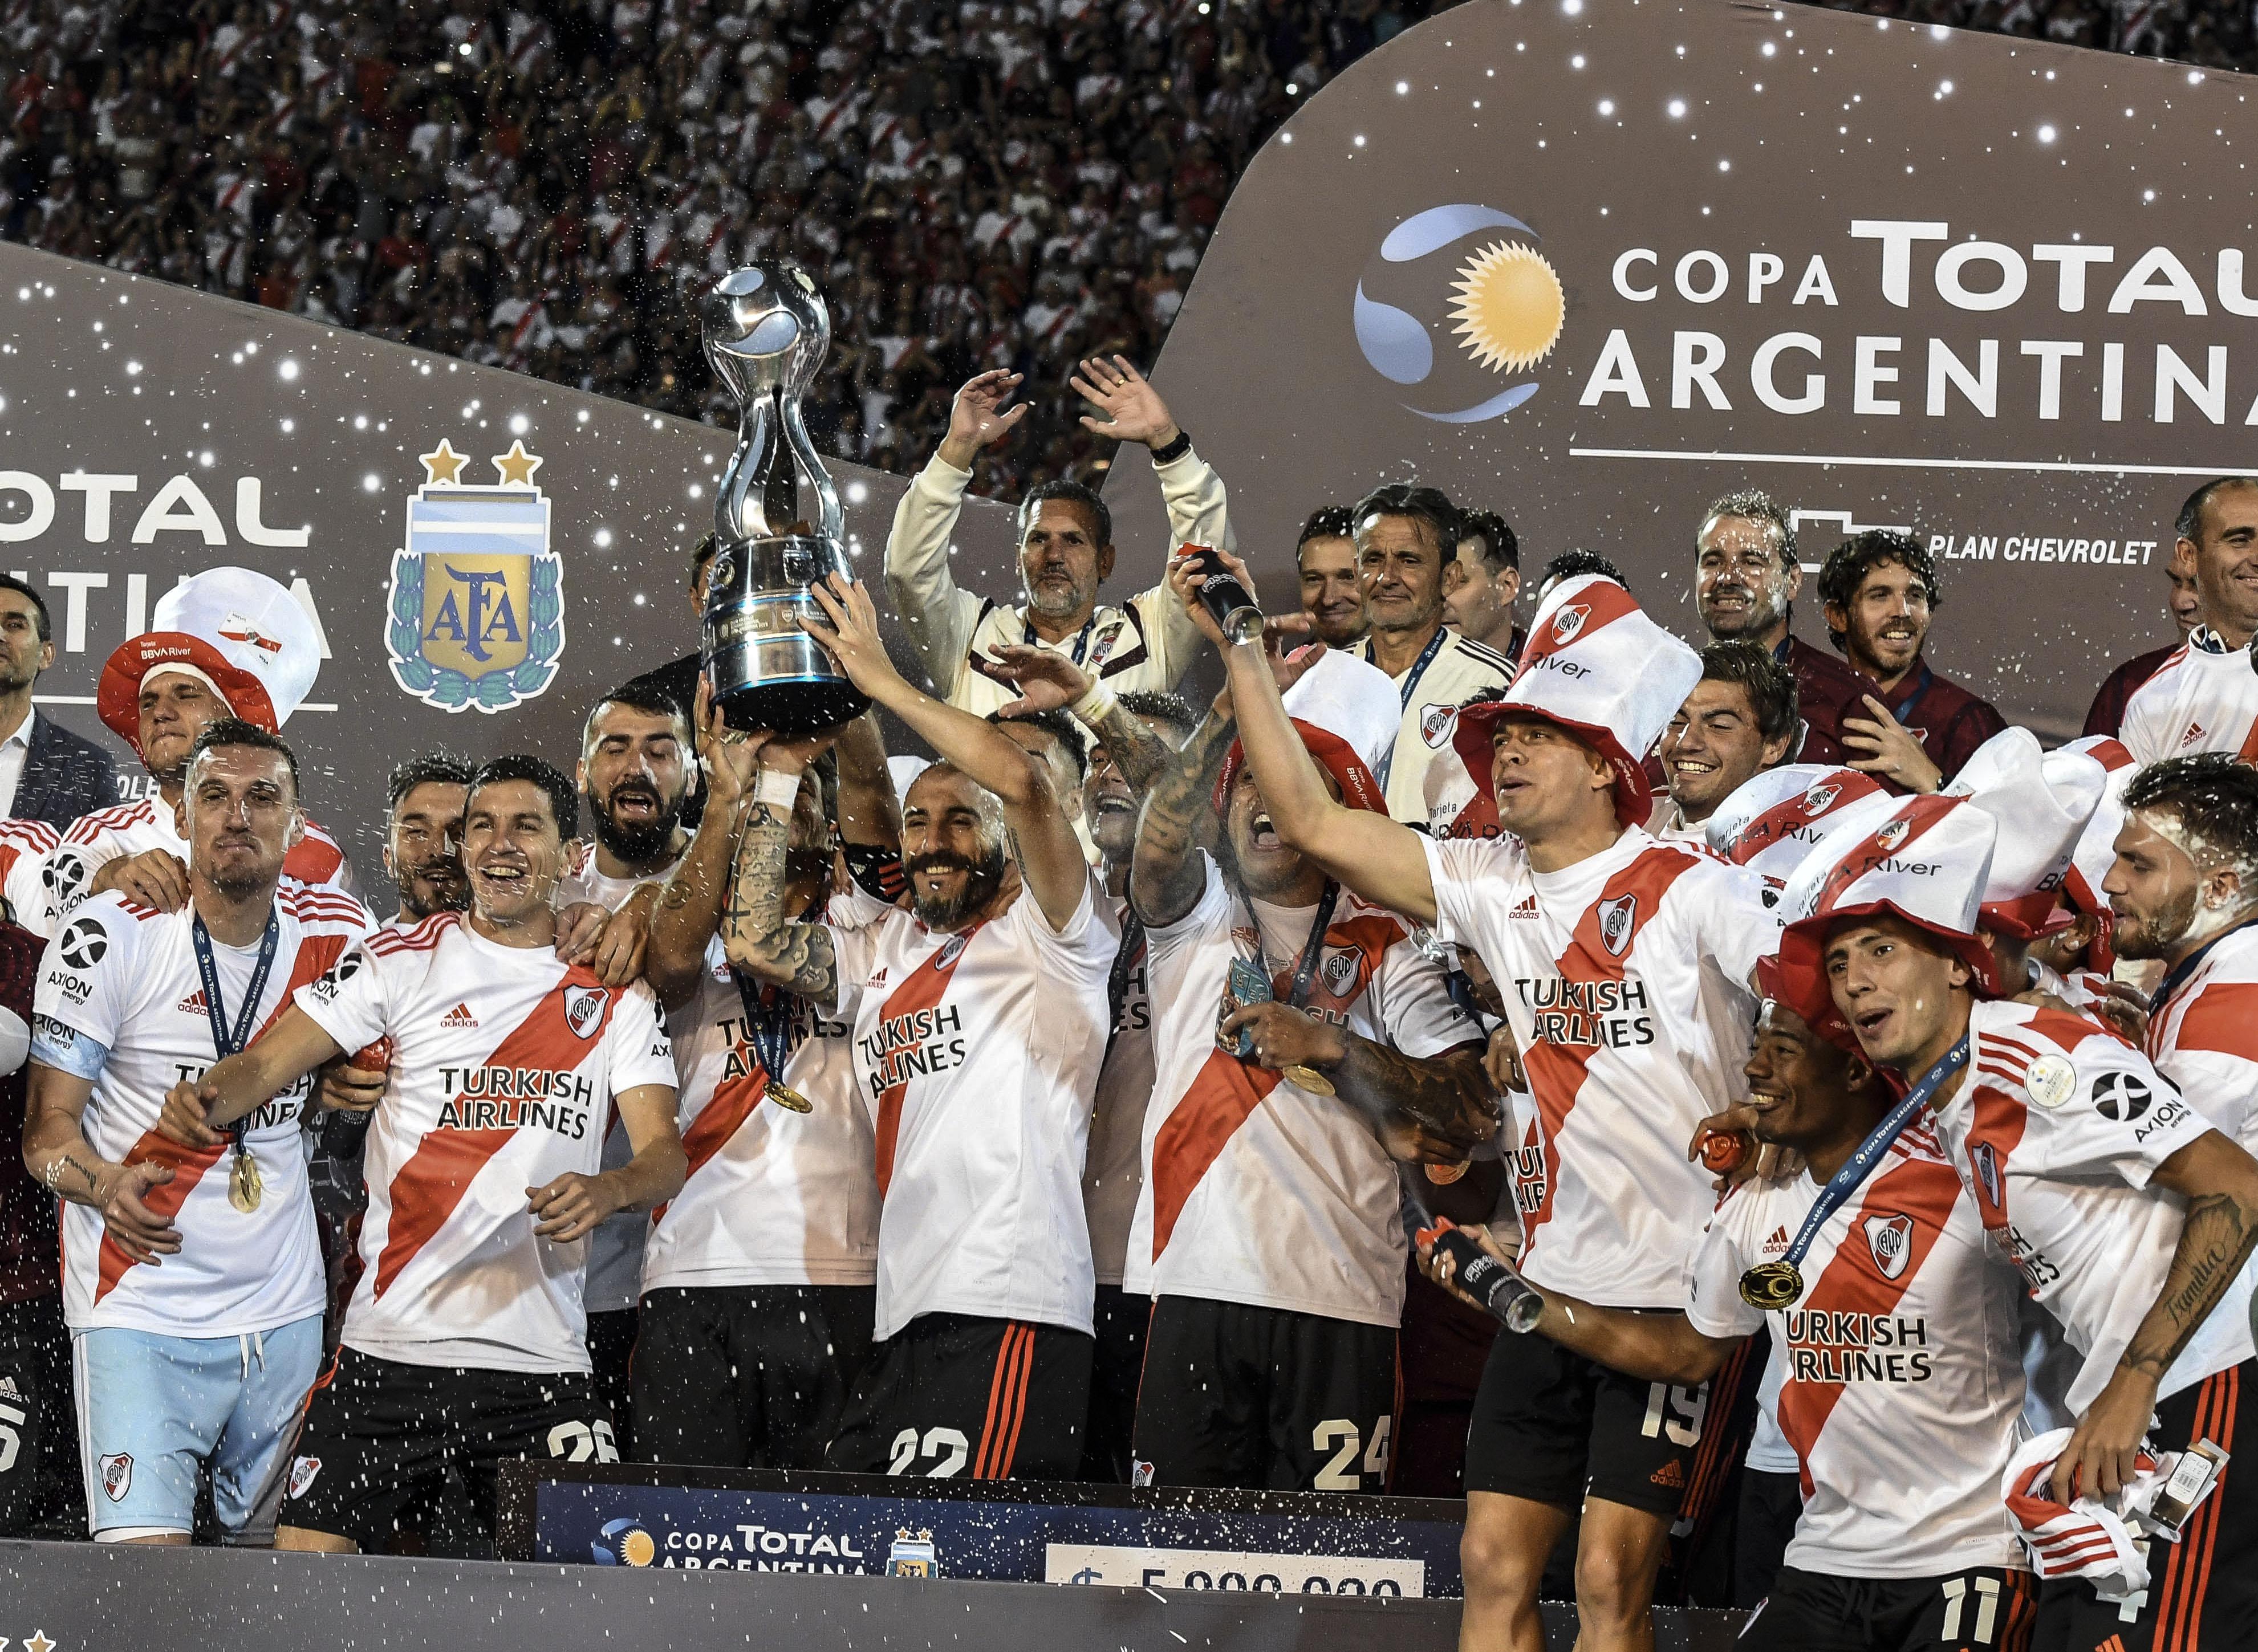 River ganó la tercer Copa Argentina en cuatro años (Télam)